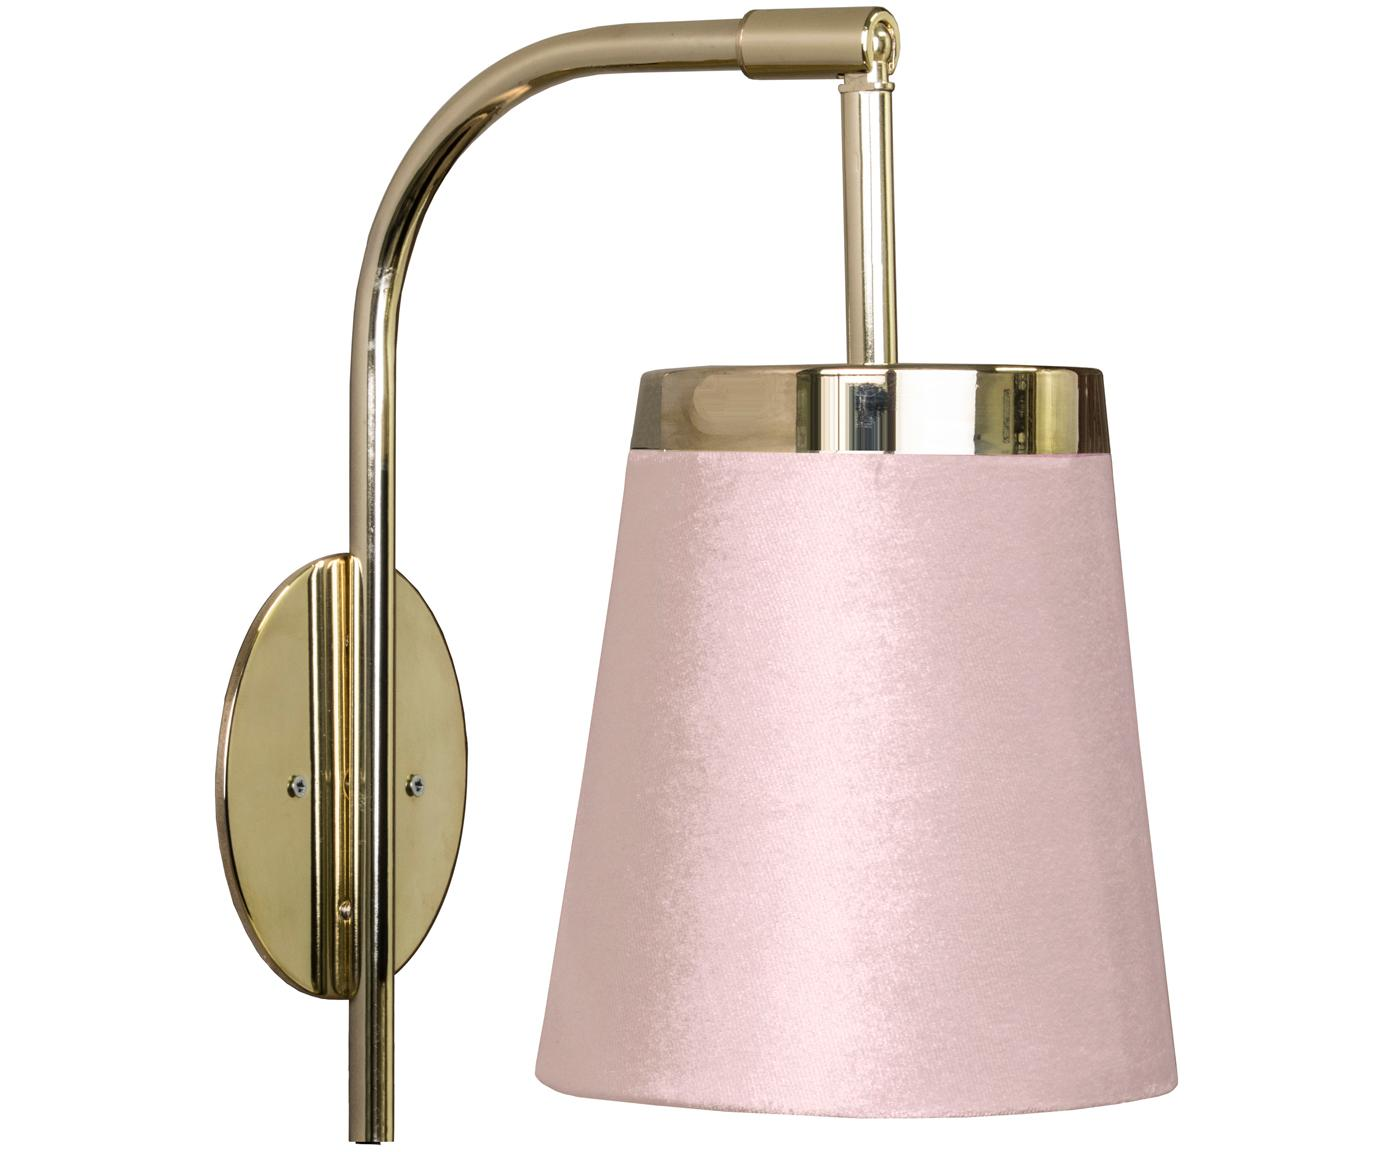 Applique con spina Walther, Paralume: velluto di poliestere, Ottone, rosa, Larg. 14 x Alt. 25 cm